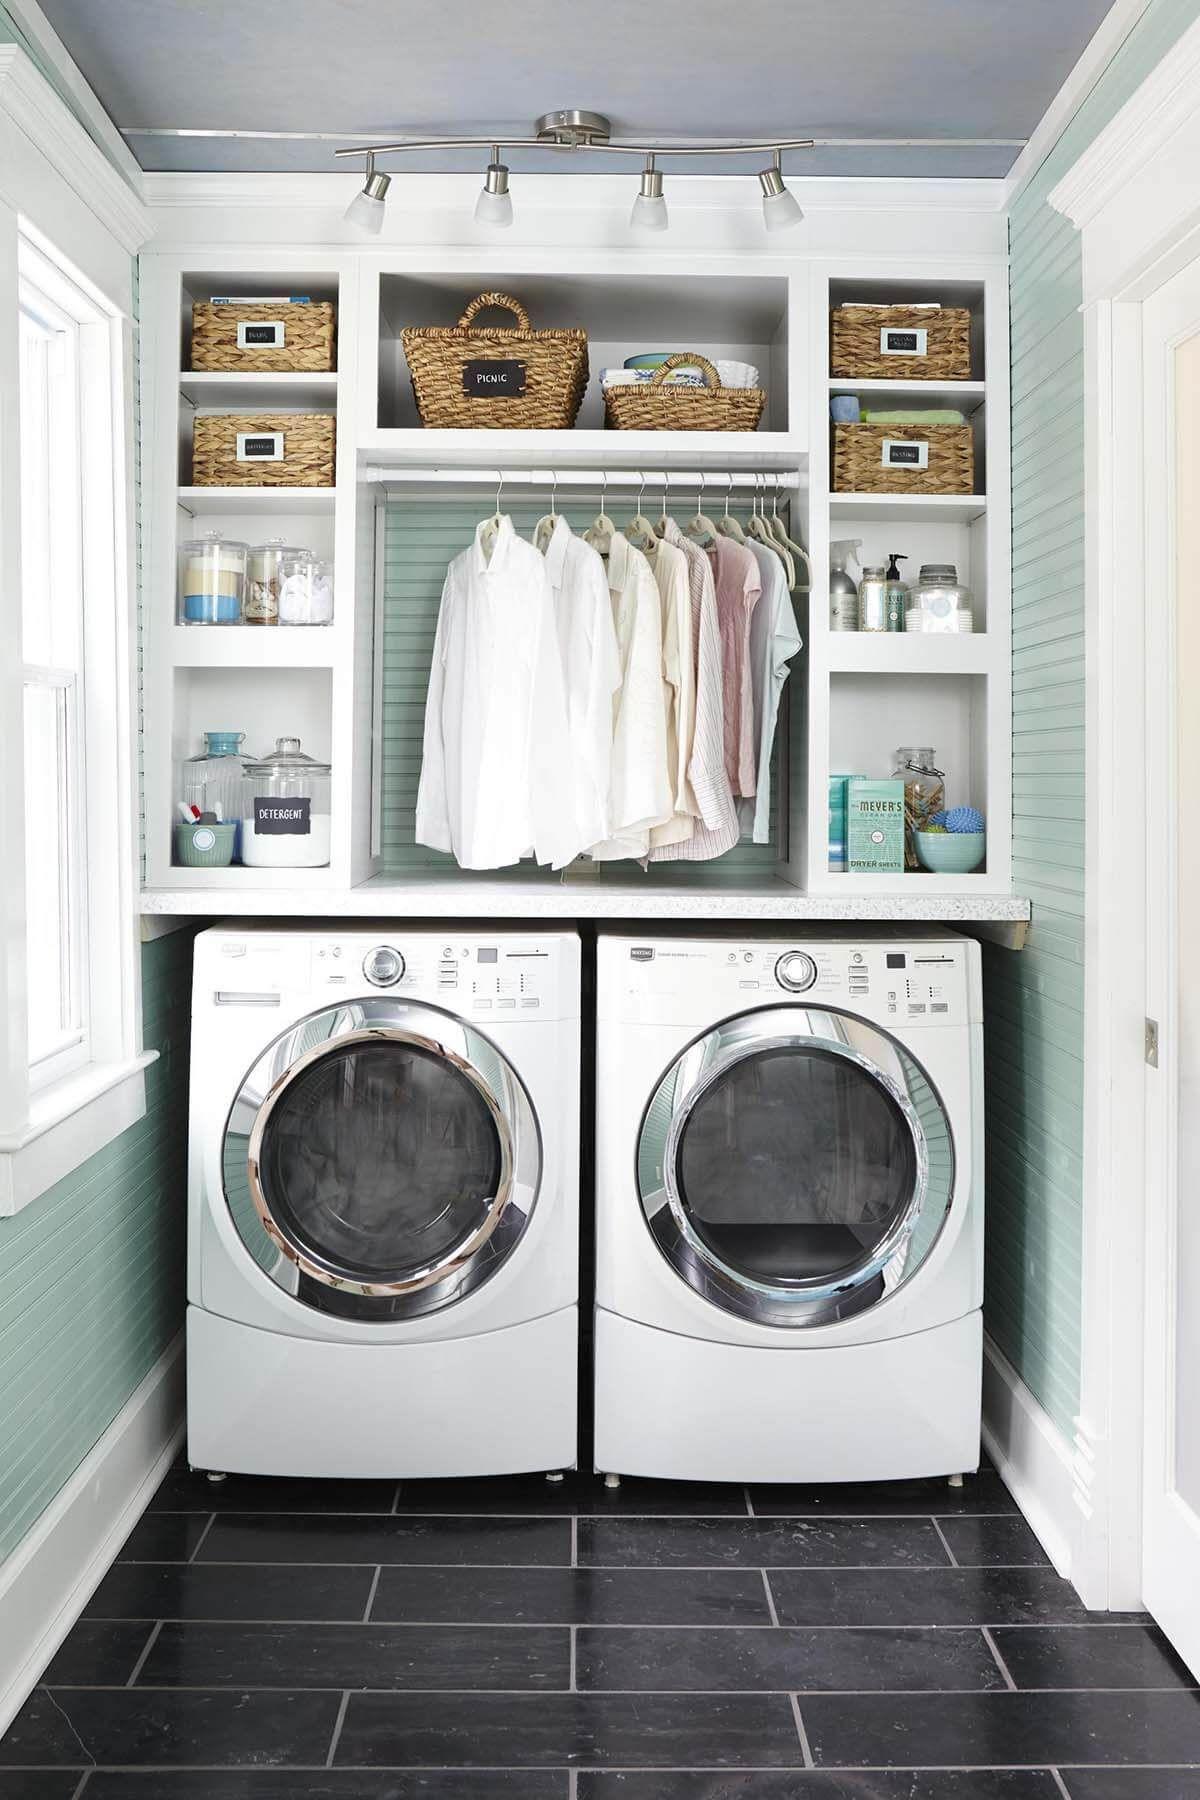 28 Belles et fonctionnelles petites idées de design pour la lessive qui modifient votre espace.